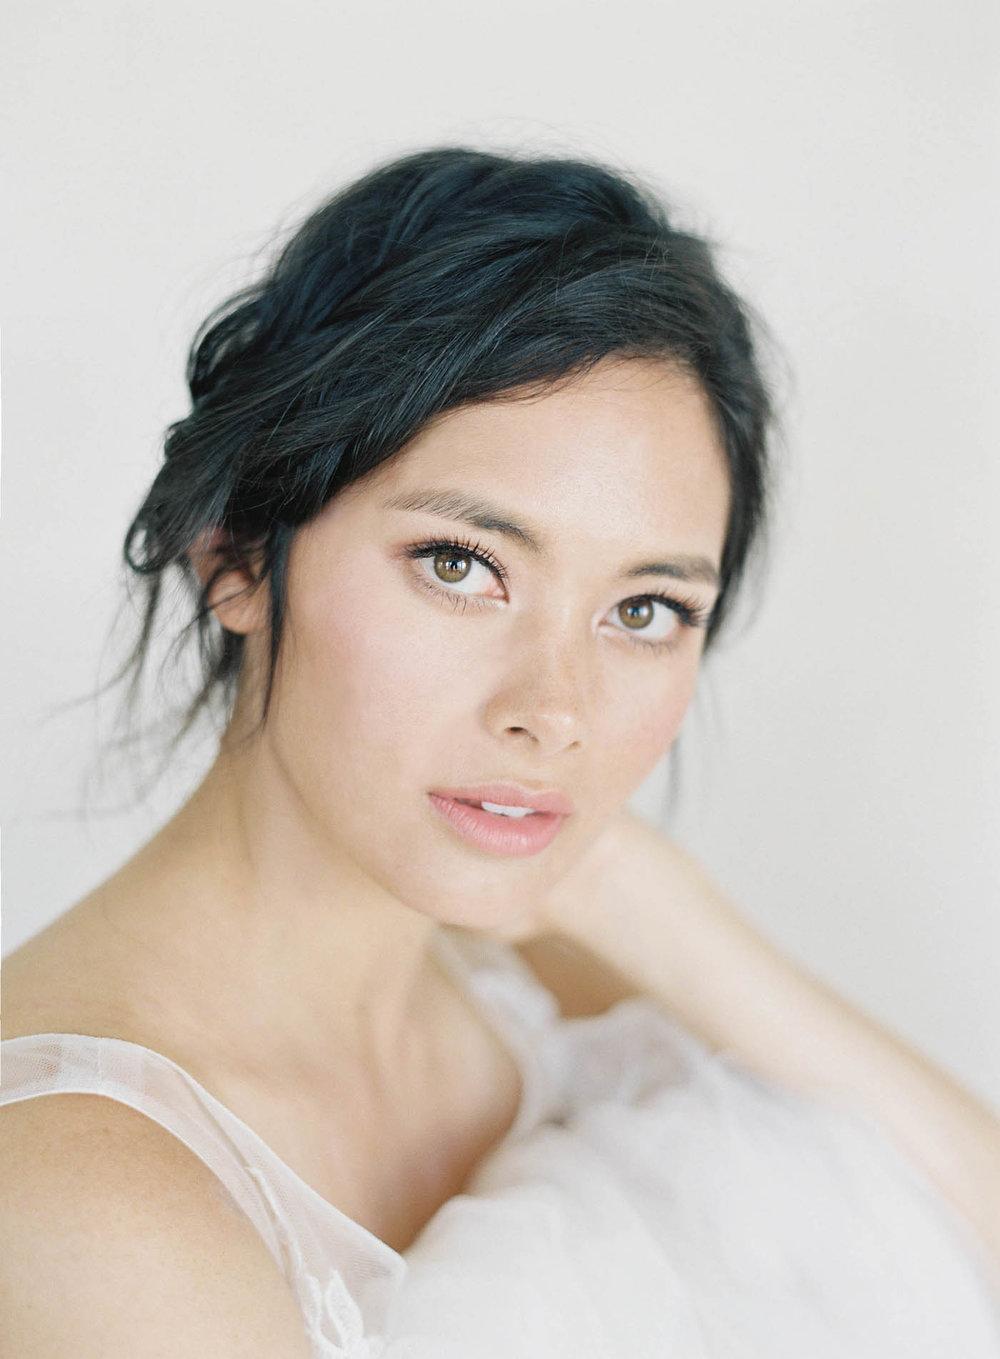 boudoir-on-film-102-Jen_Huang-Bhldn-99-Jen_Huang-002780-R1-011.jpg